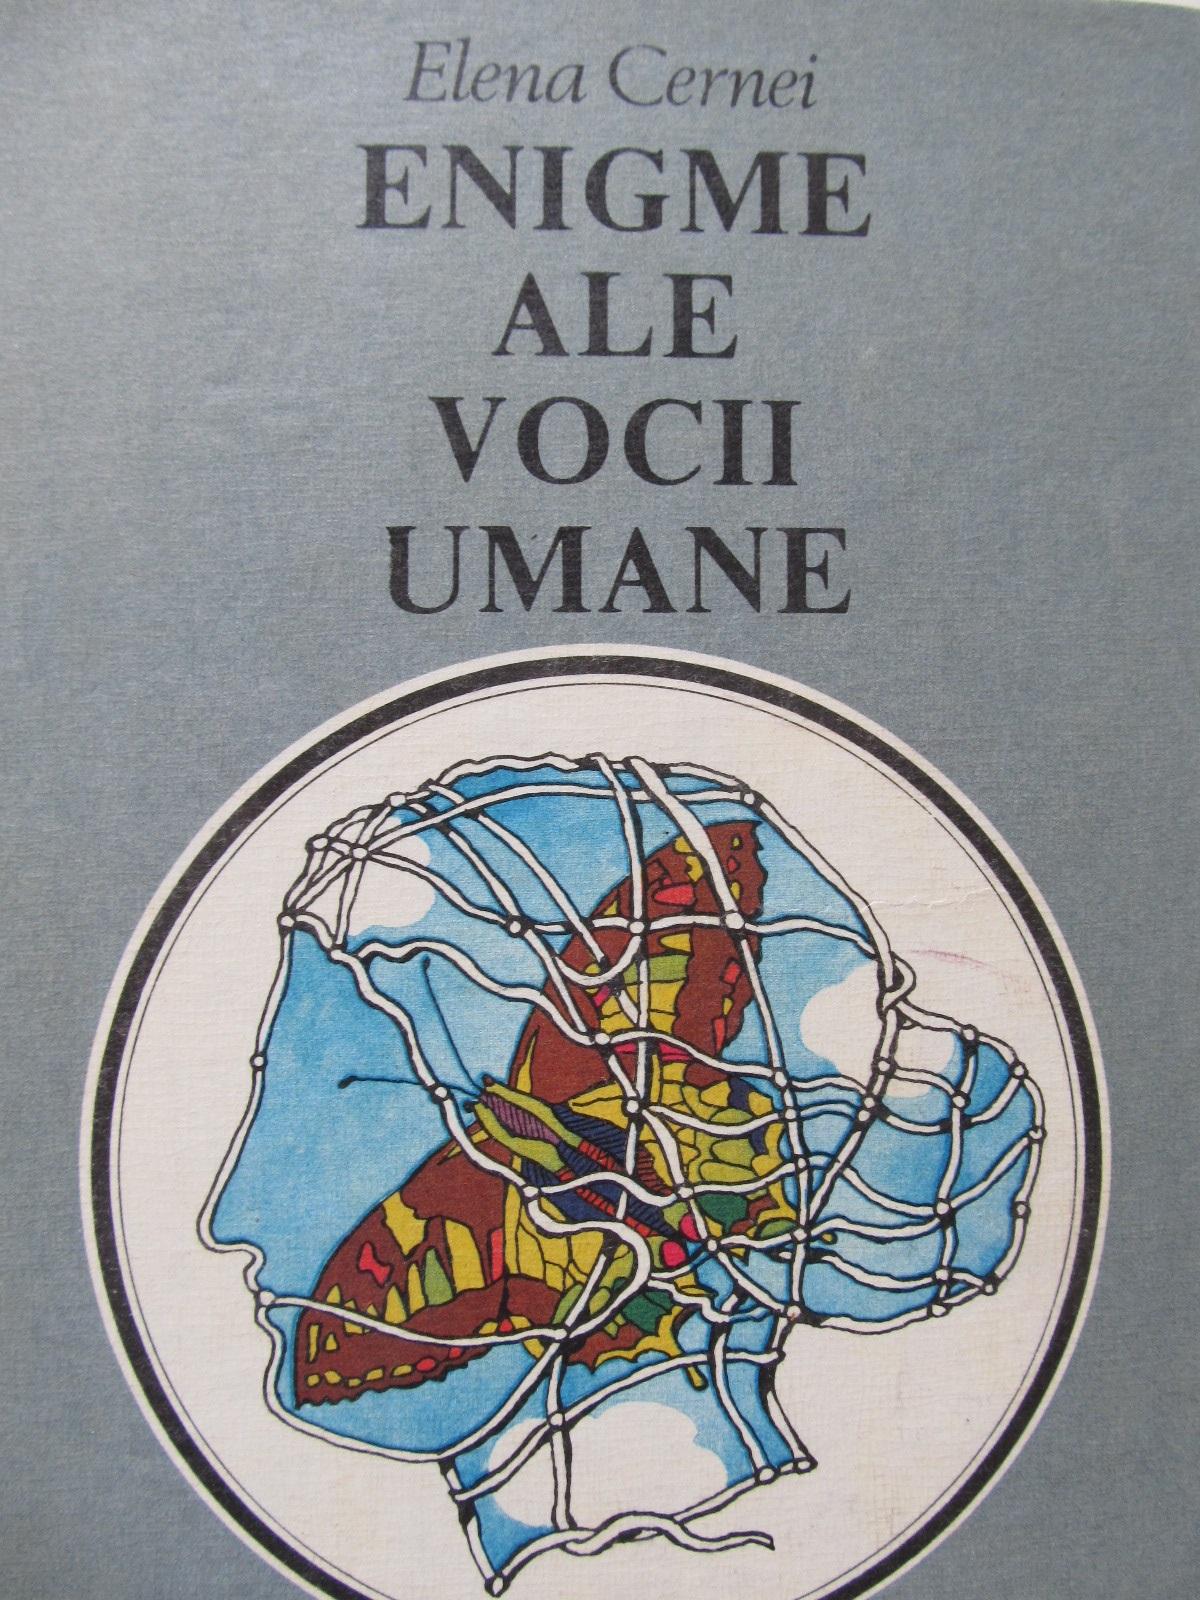 Enigme ale vocii umane - Elena Cernei | Detalii carte